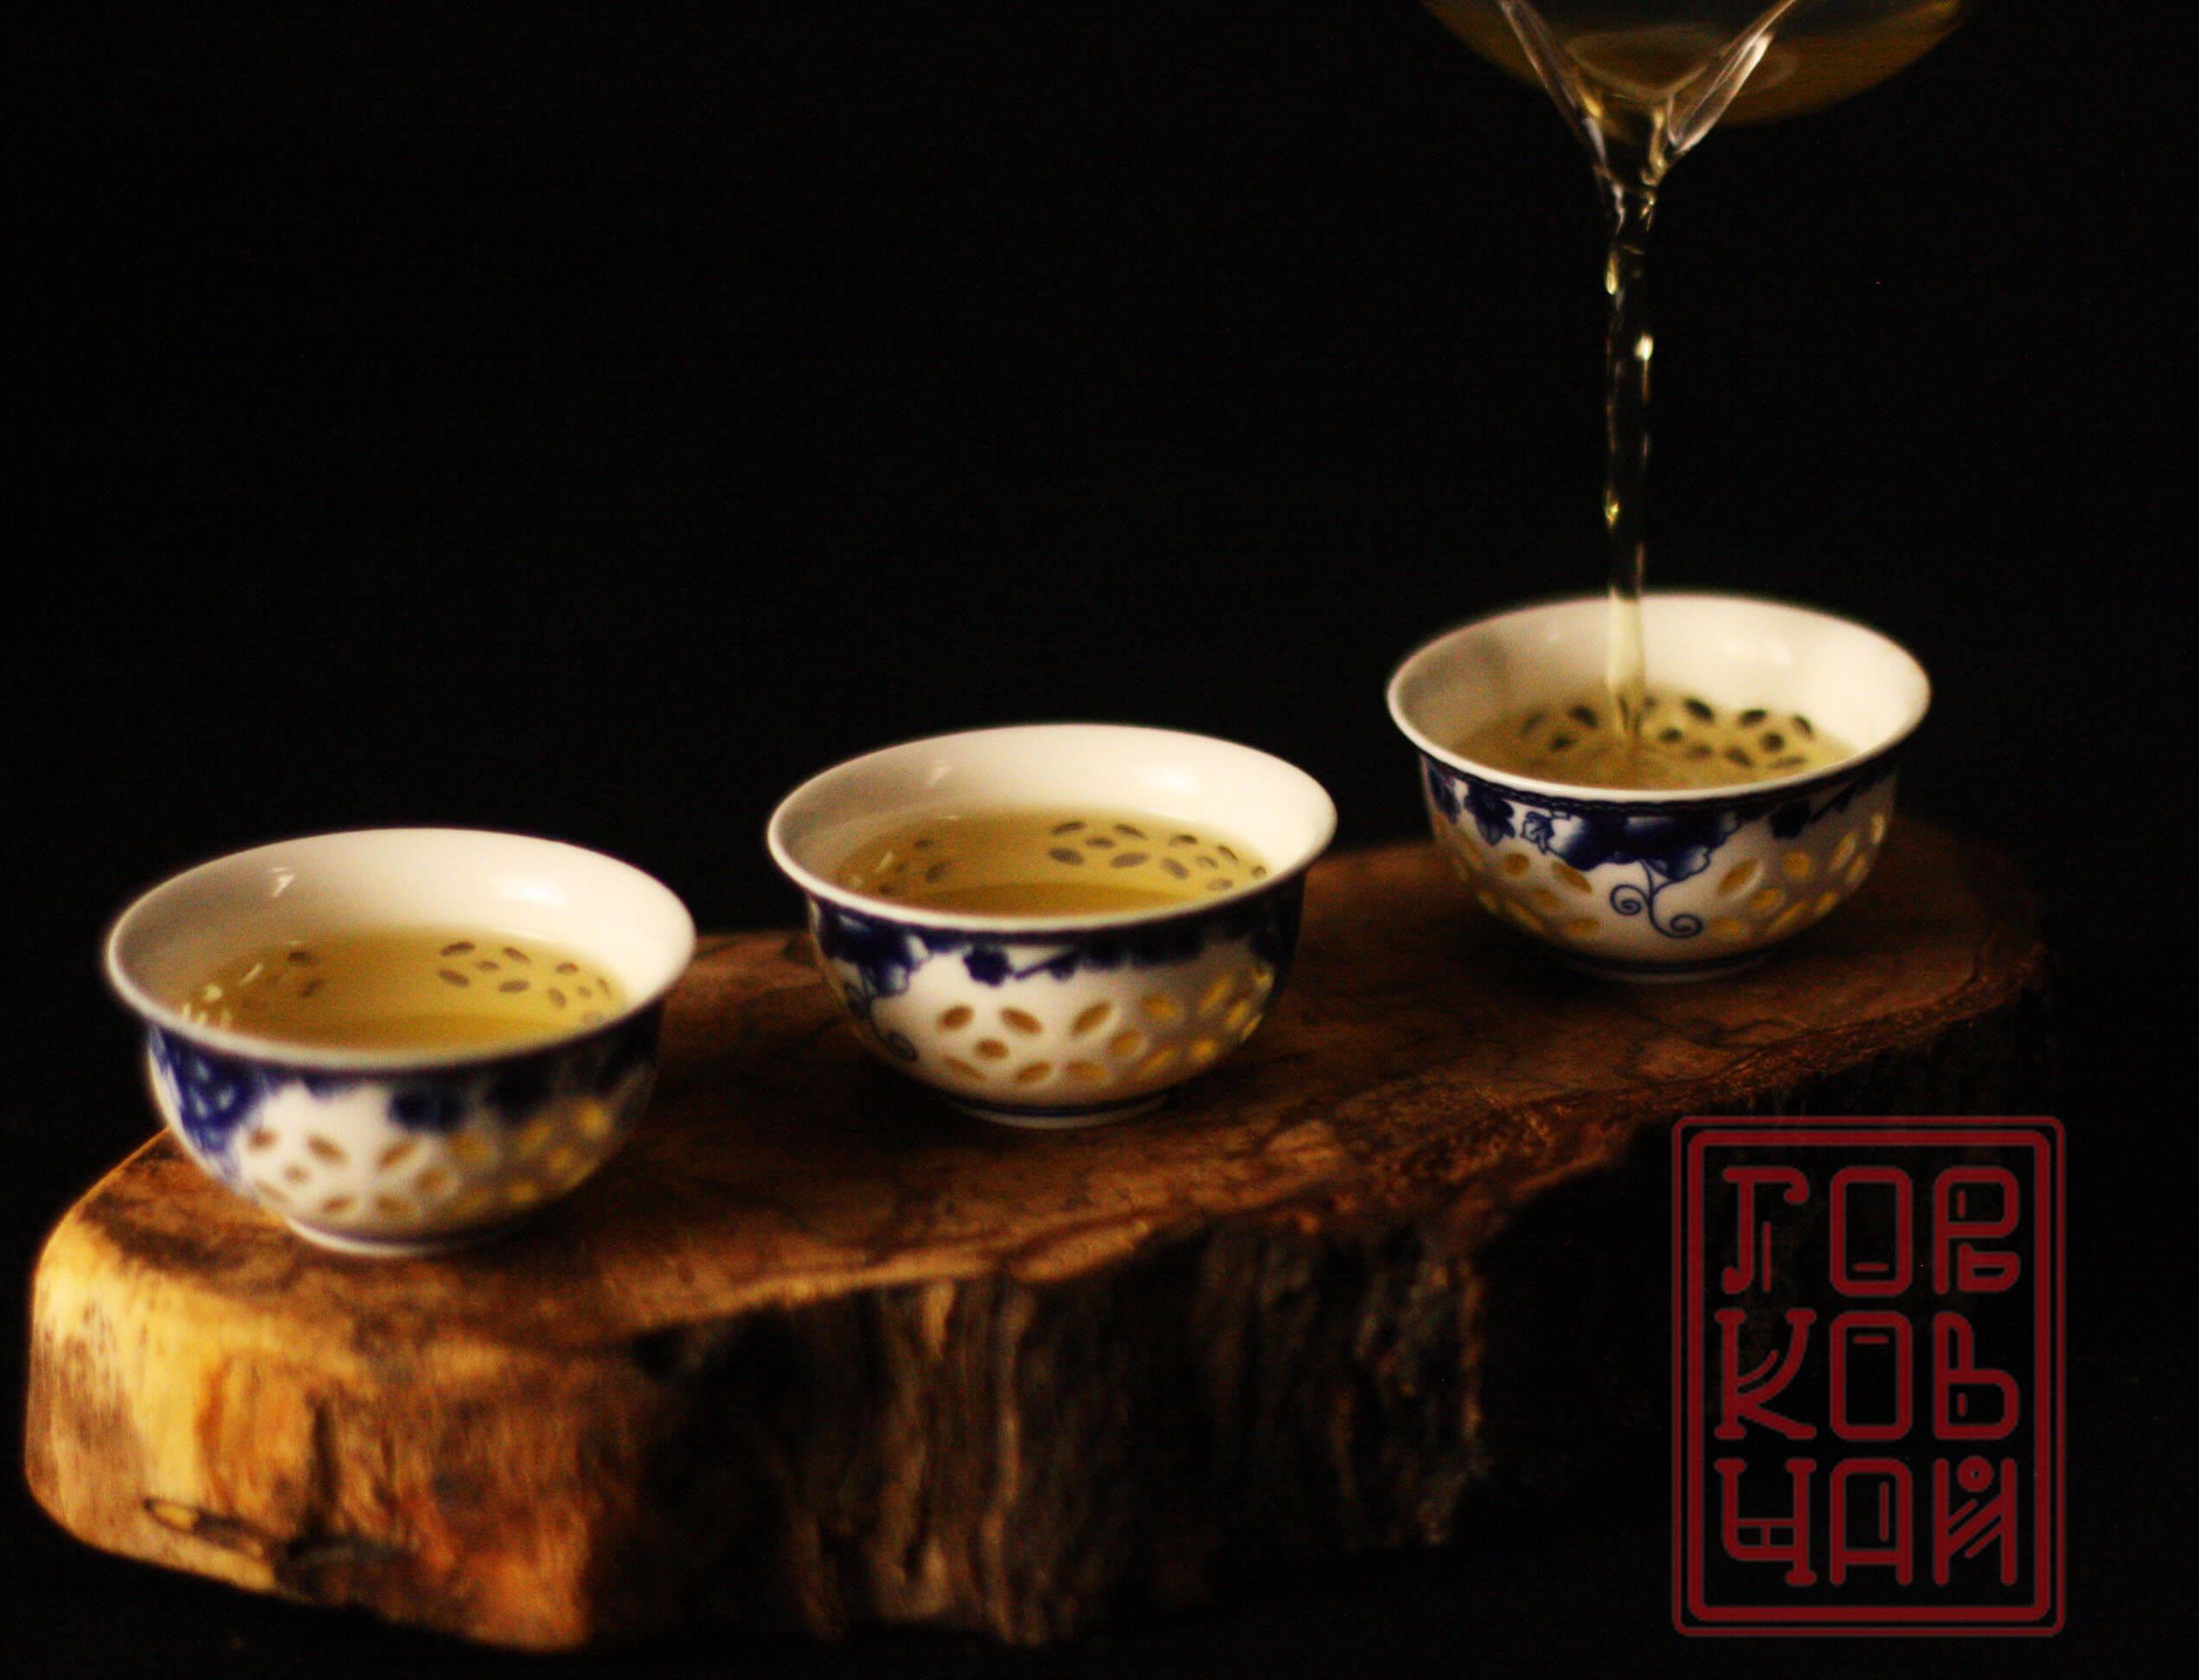 Те Гуань Инь Го Сян (фруктовый), в/с, осень 2020г. 6